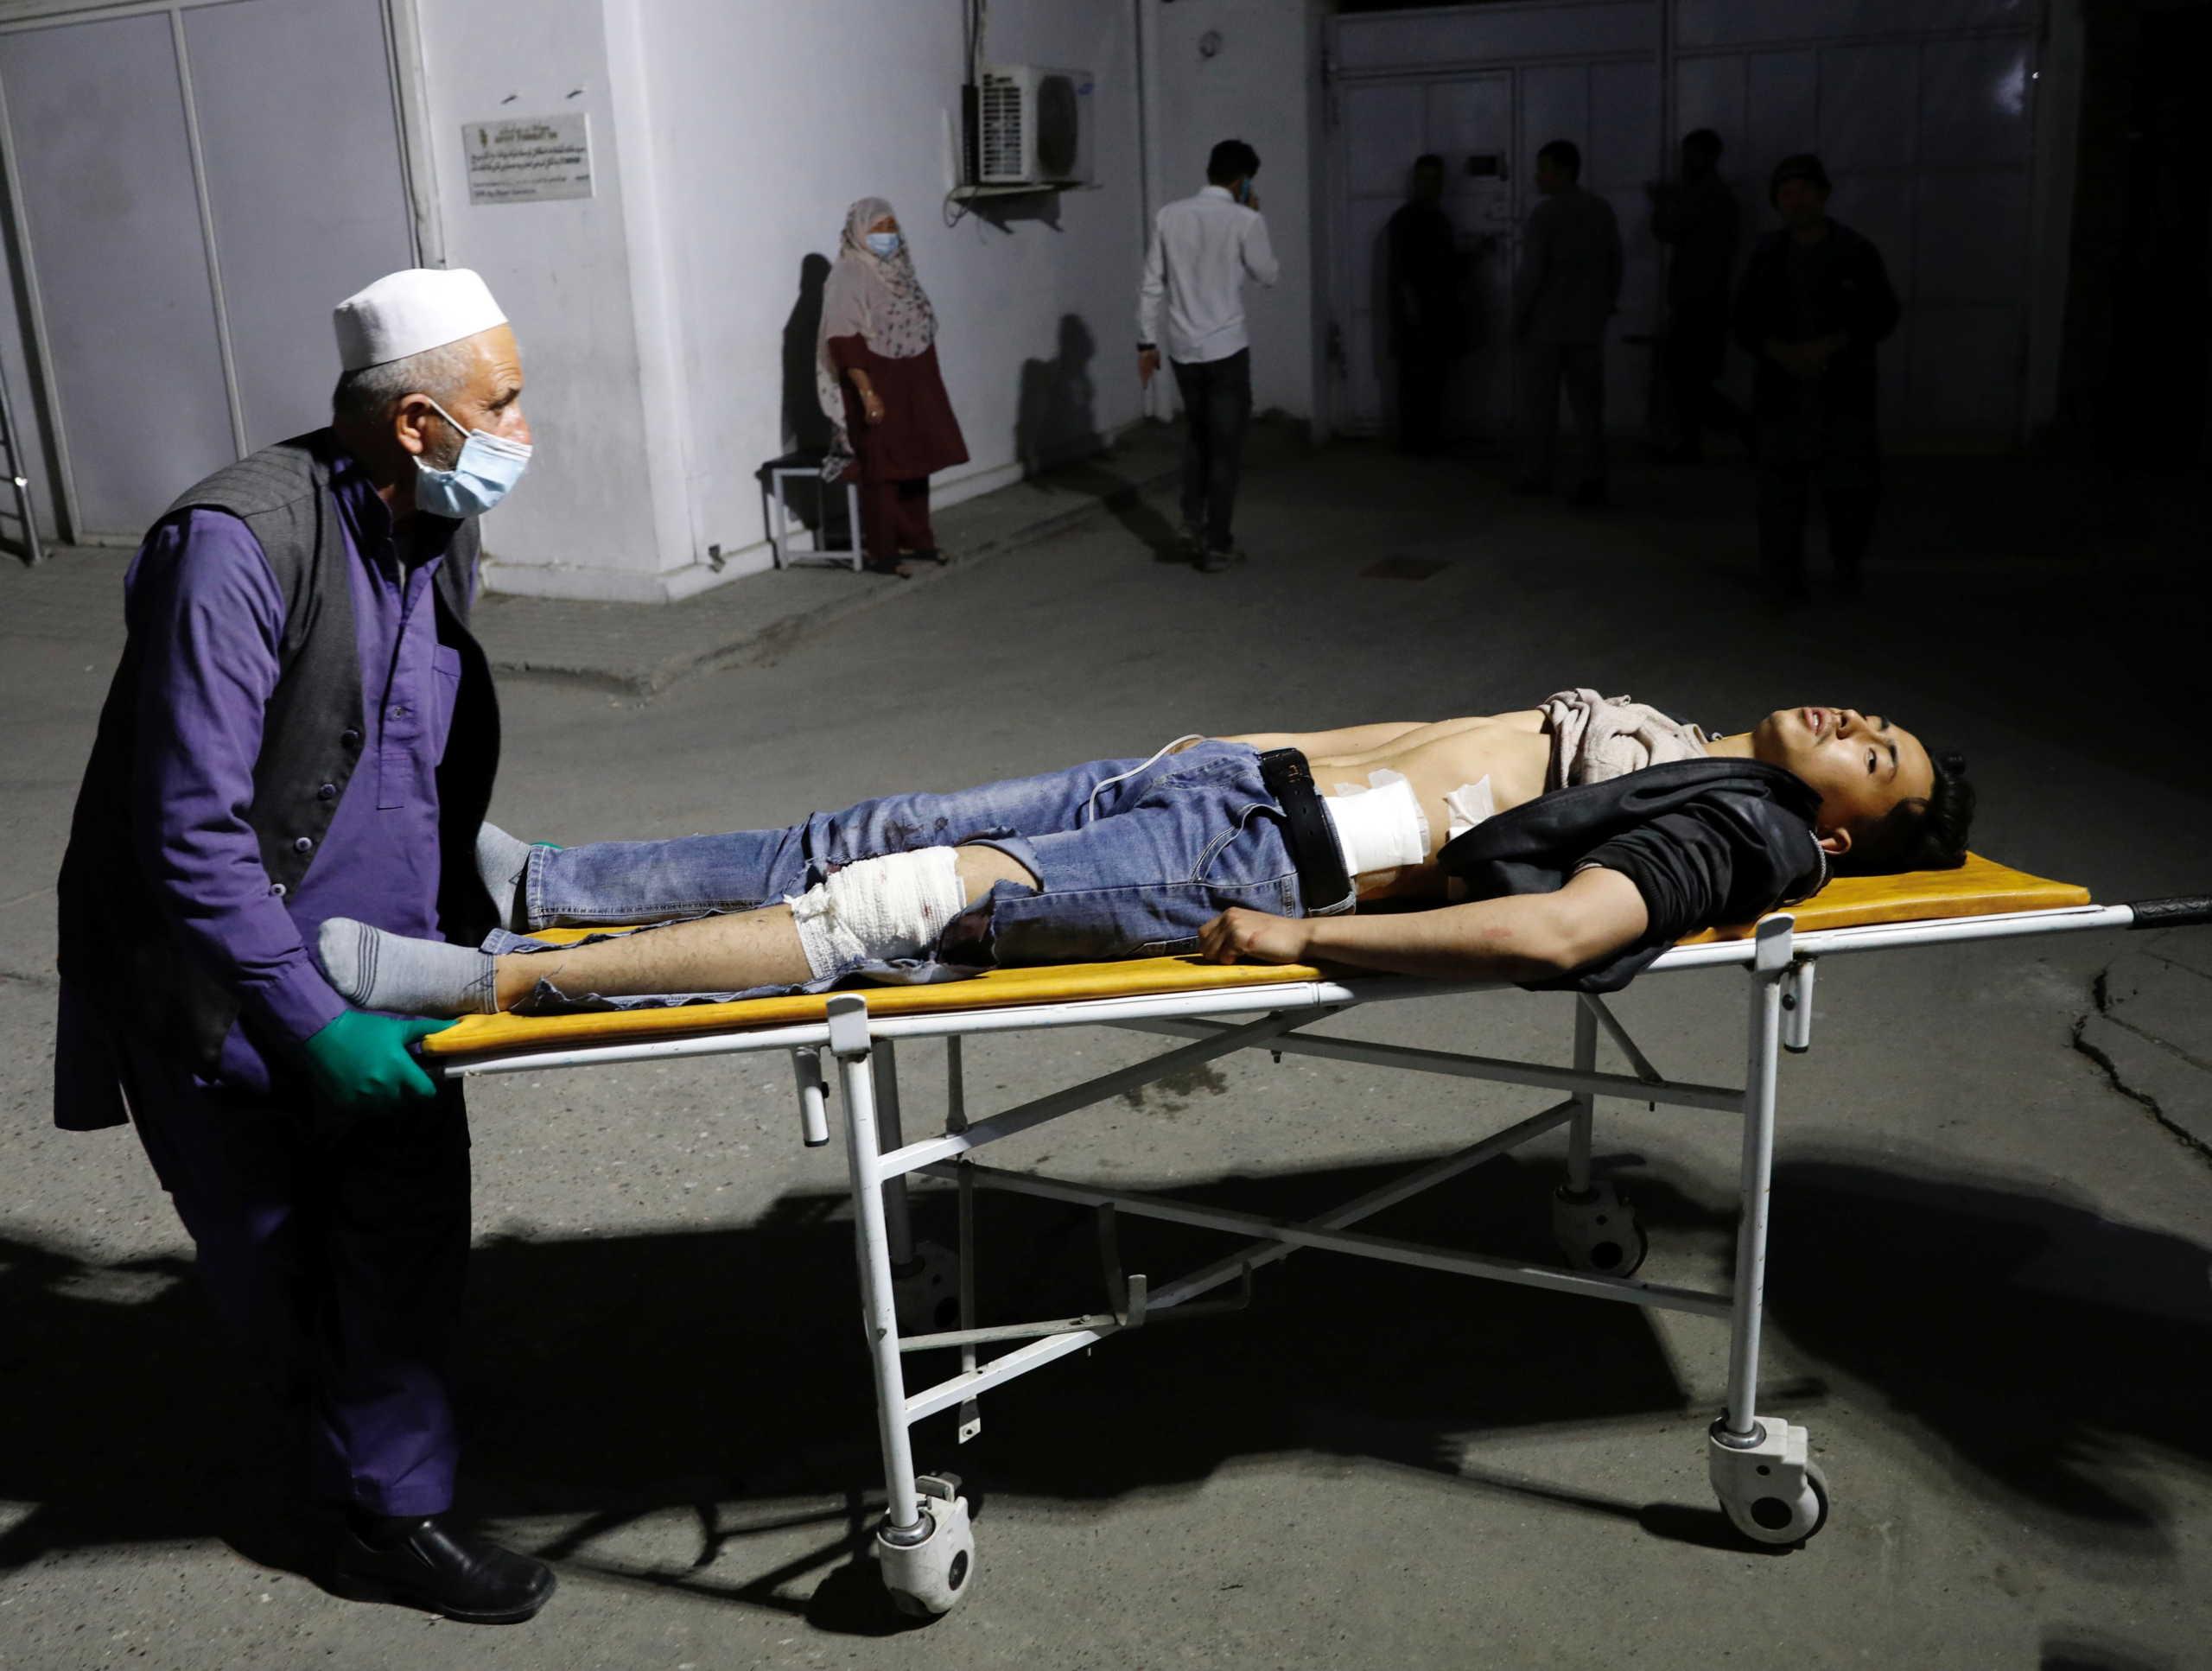 Αφγανιστάν: Τουλάχιστον 13 νεκροί από έκρηξη σε εκπαιδευτικό κέντρο στην Καμπούλ